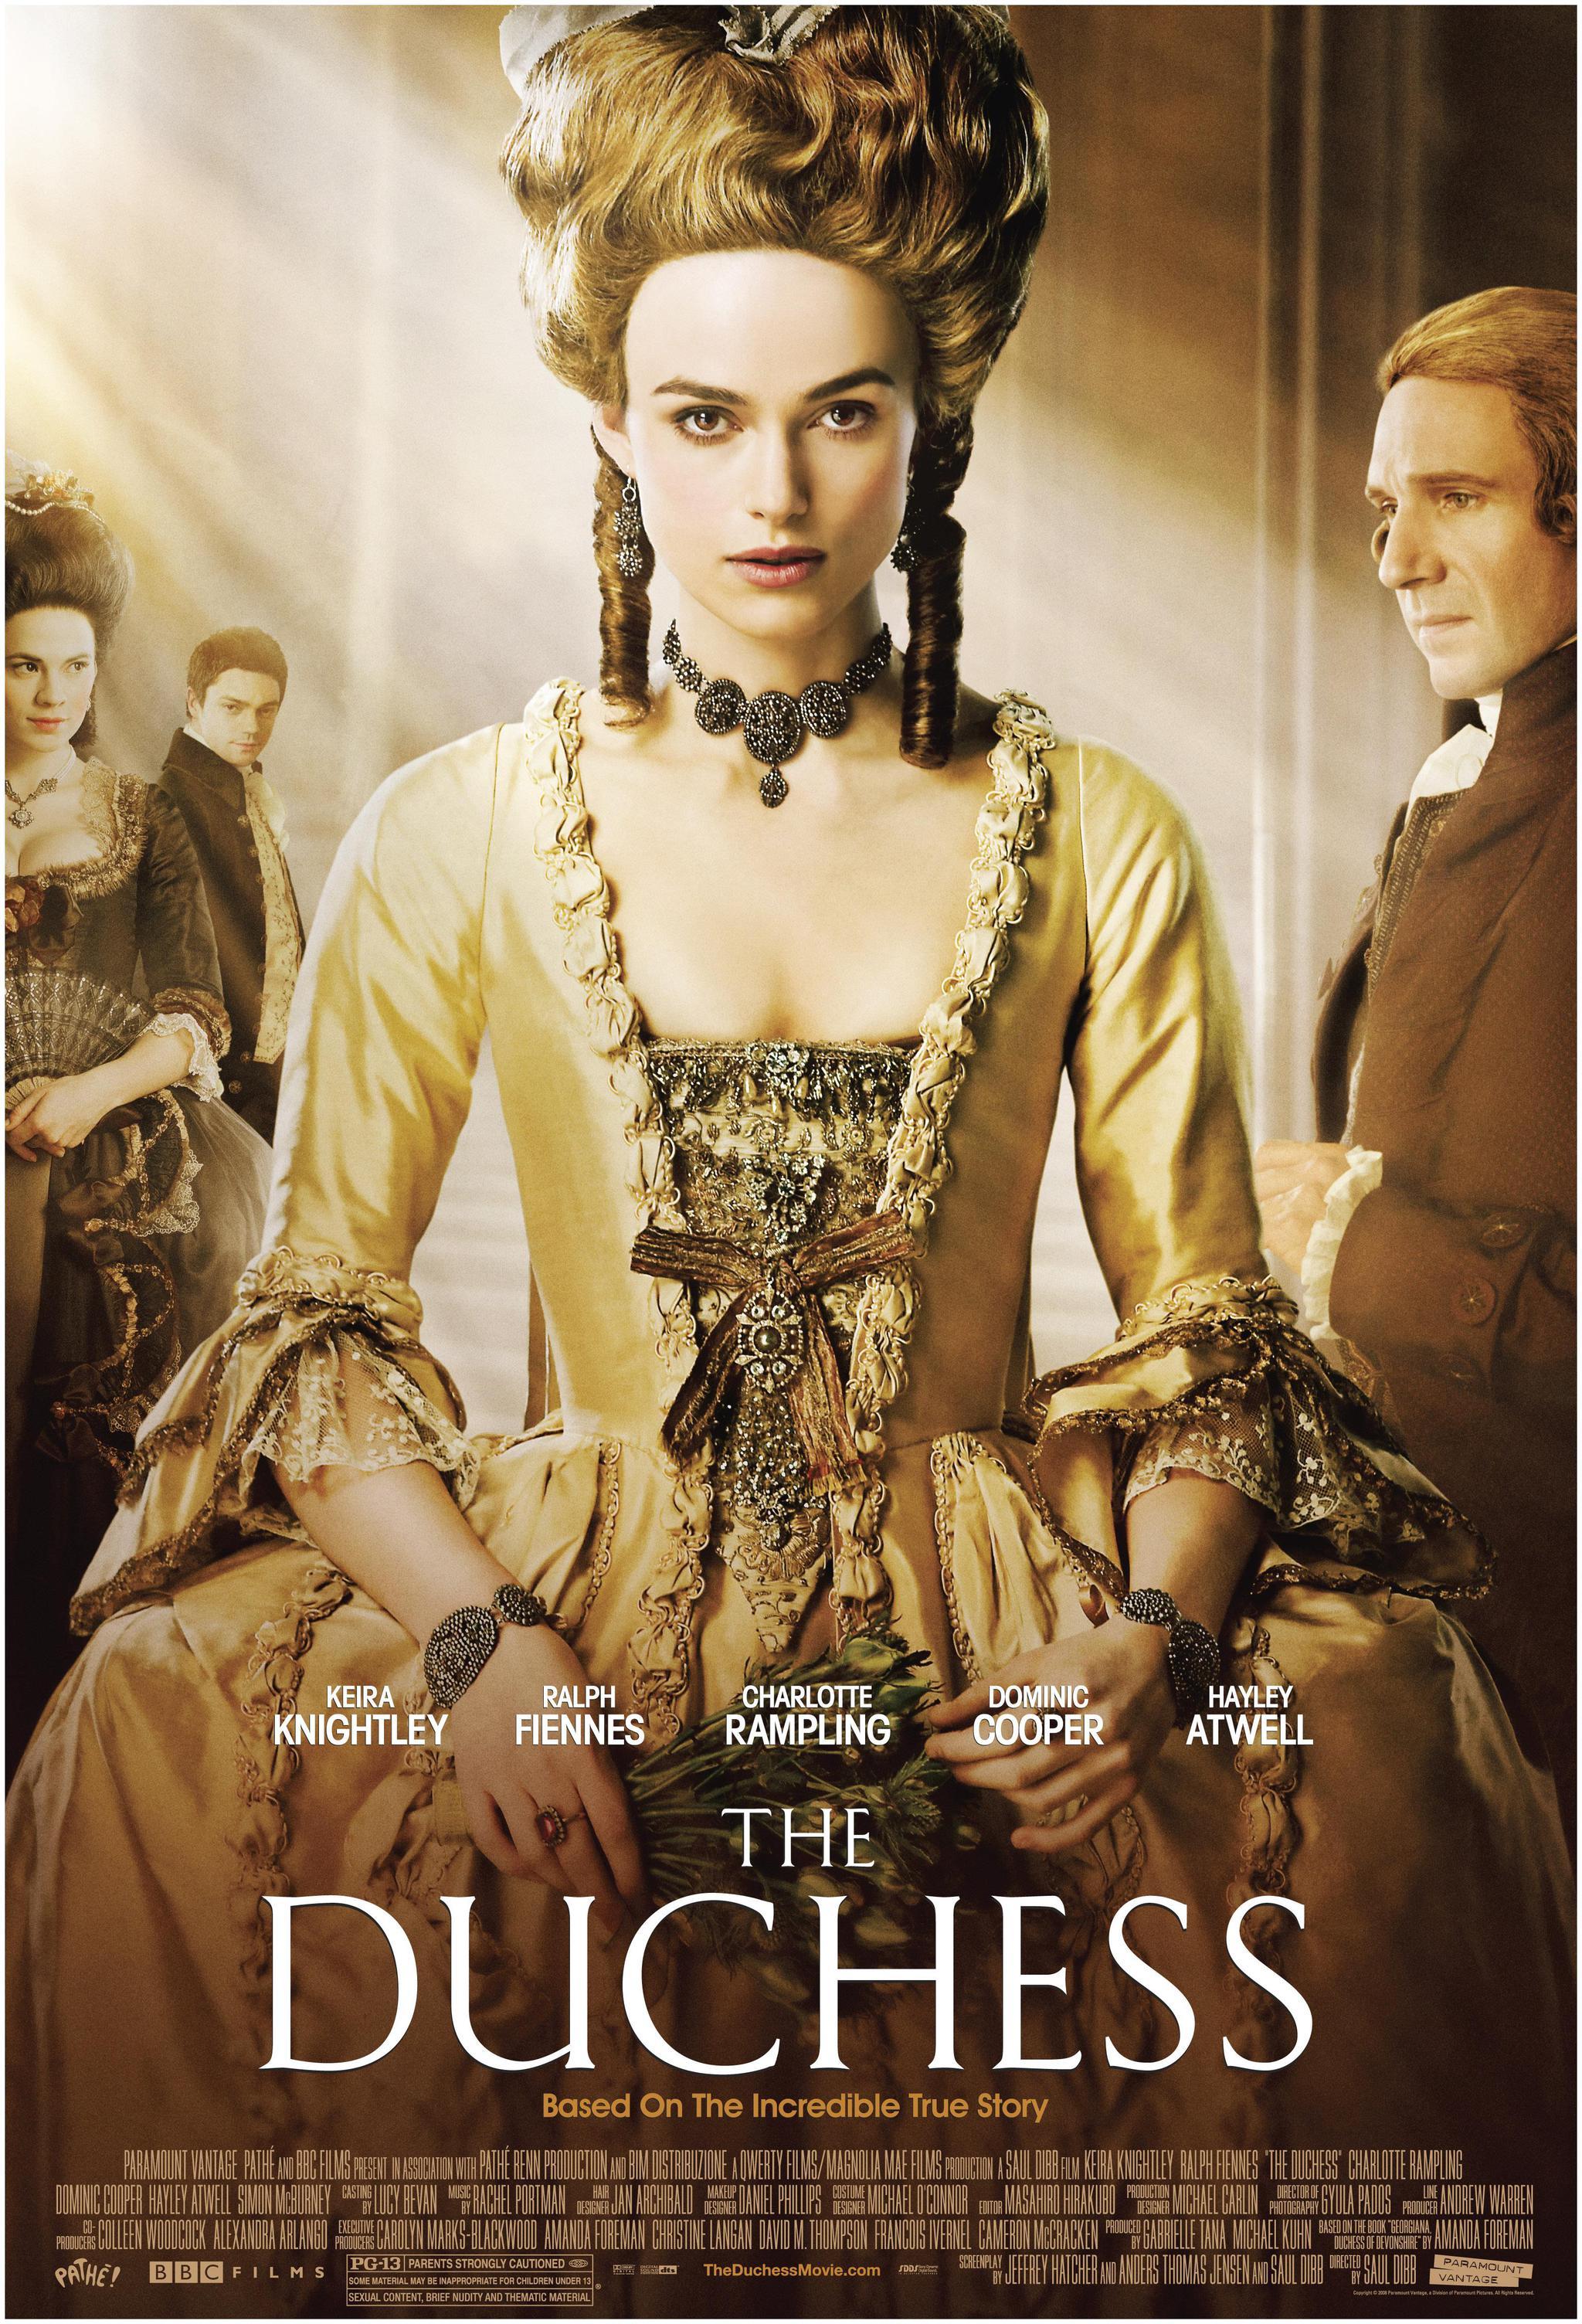 《公爵夫人》:人人艳羡的上流贵妇,竟是囚禁在牢笼里的金丝雀?